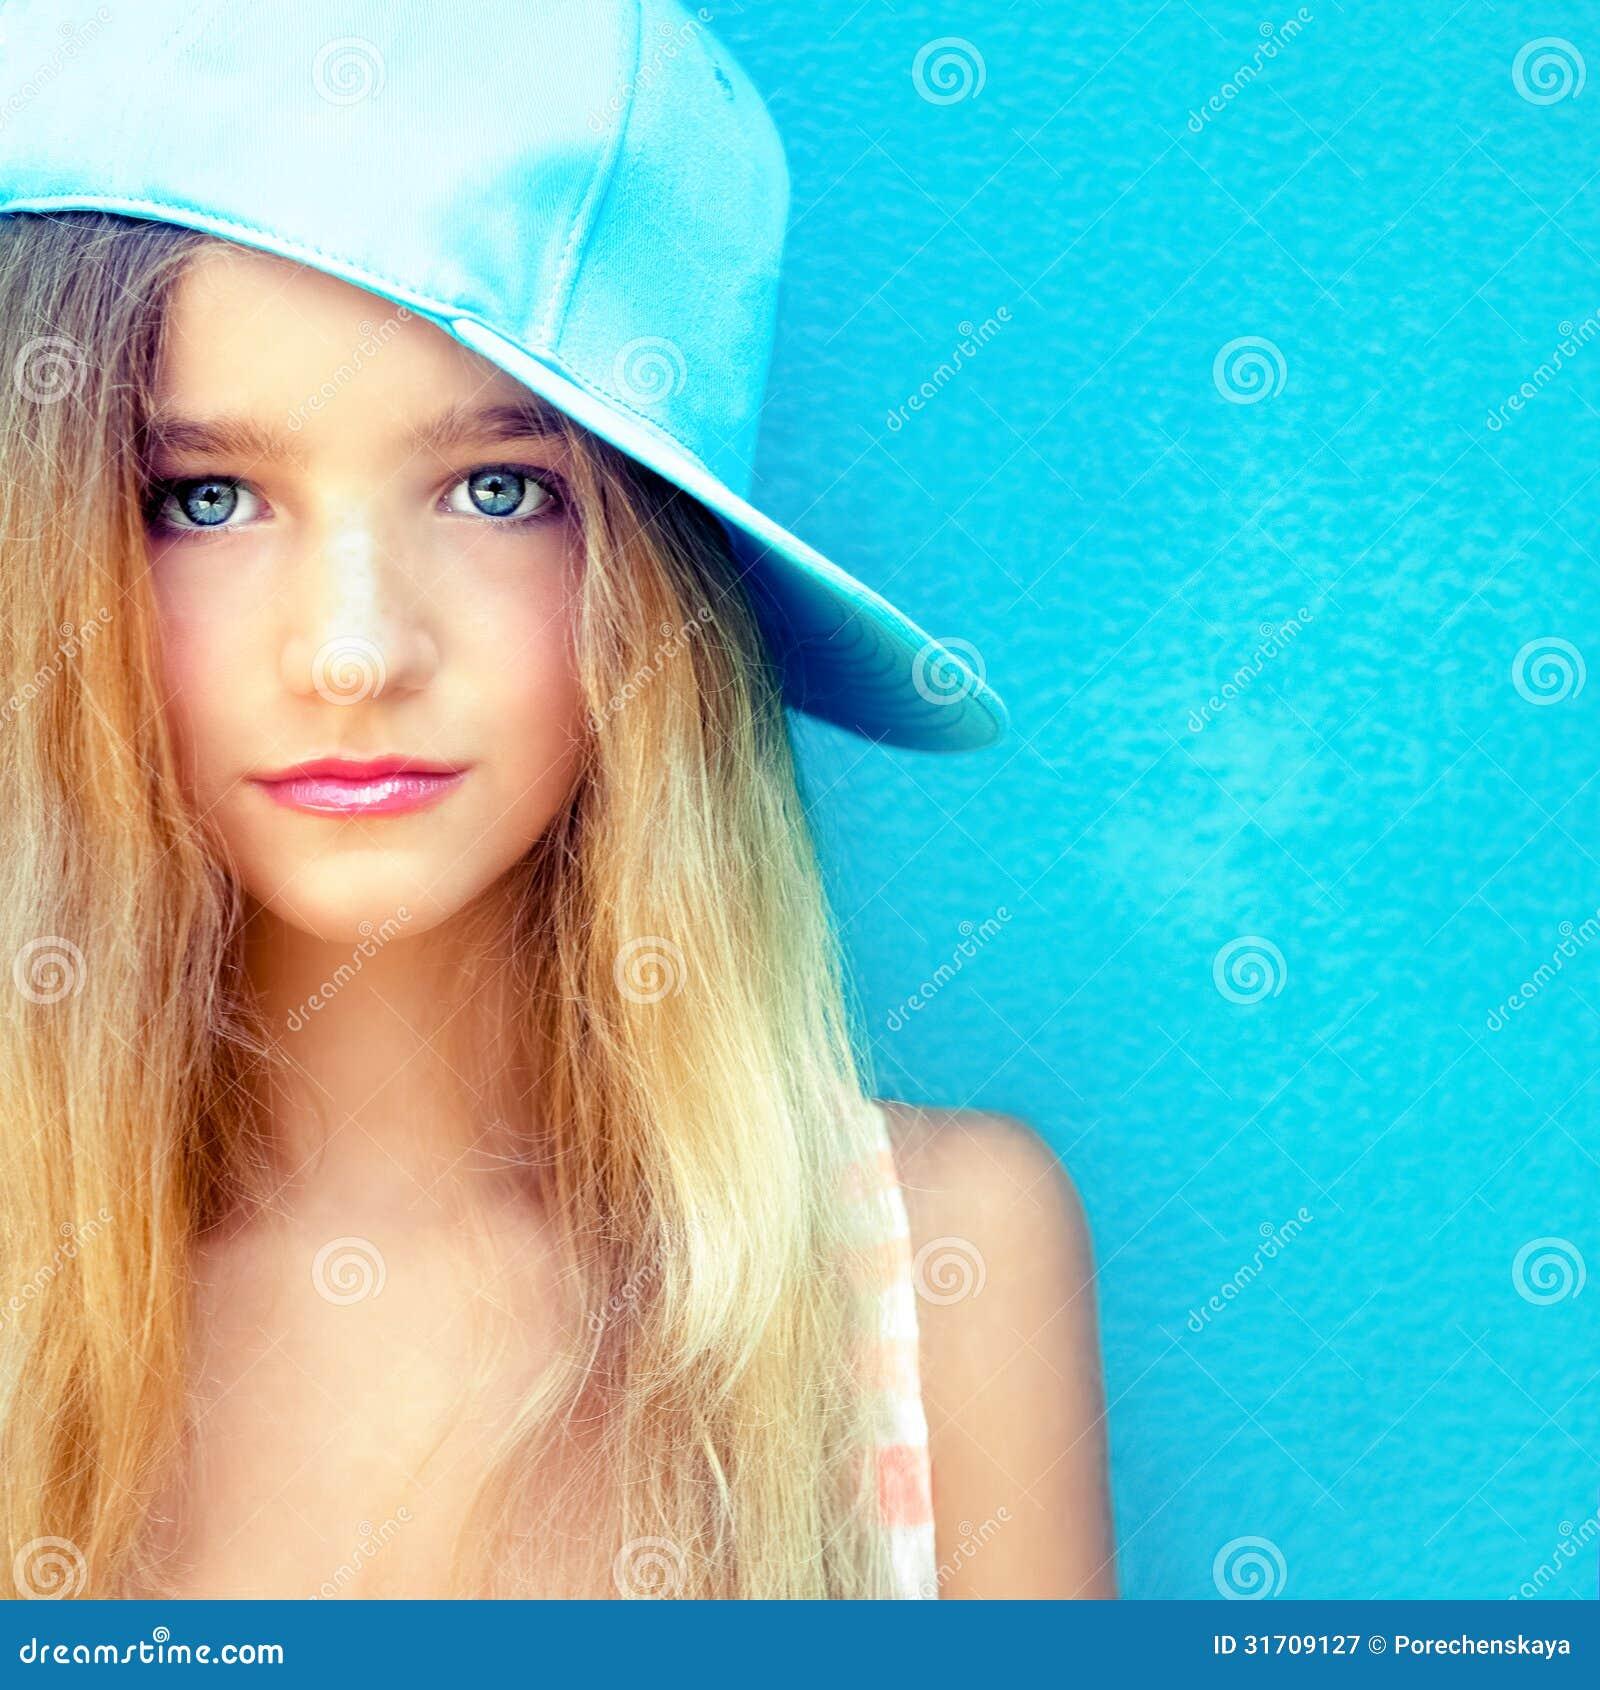 Cute teen girl portrait